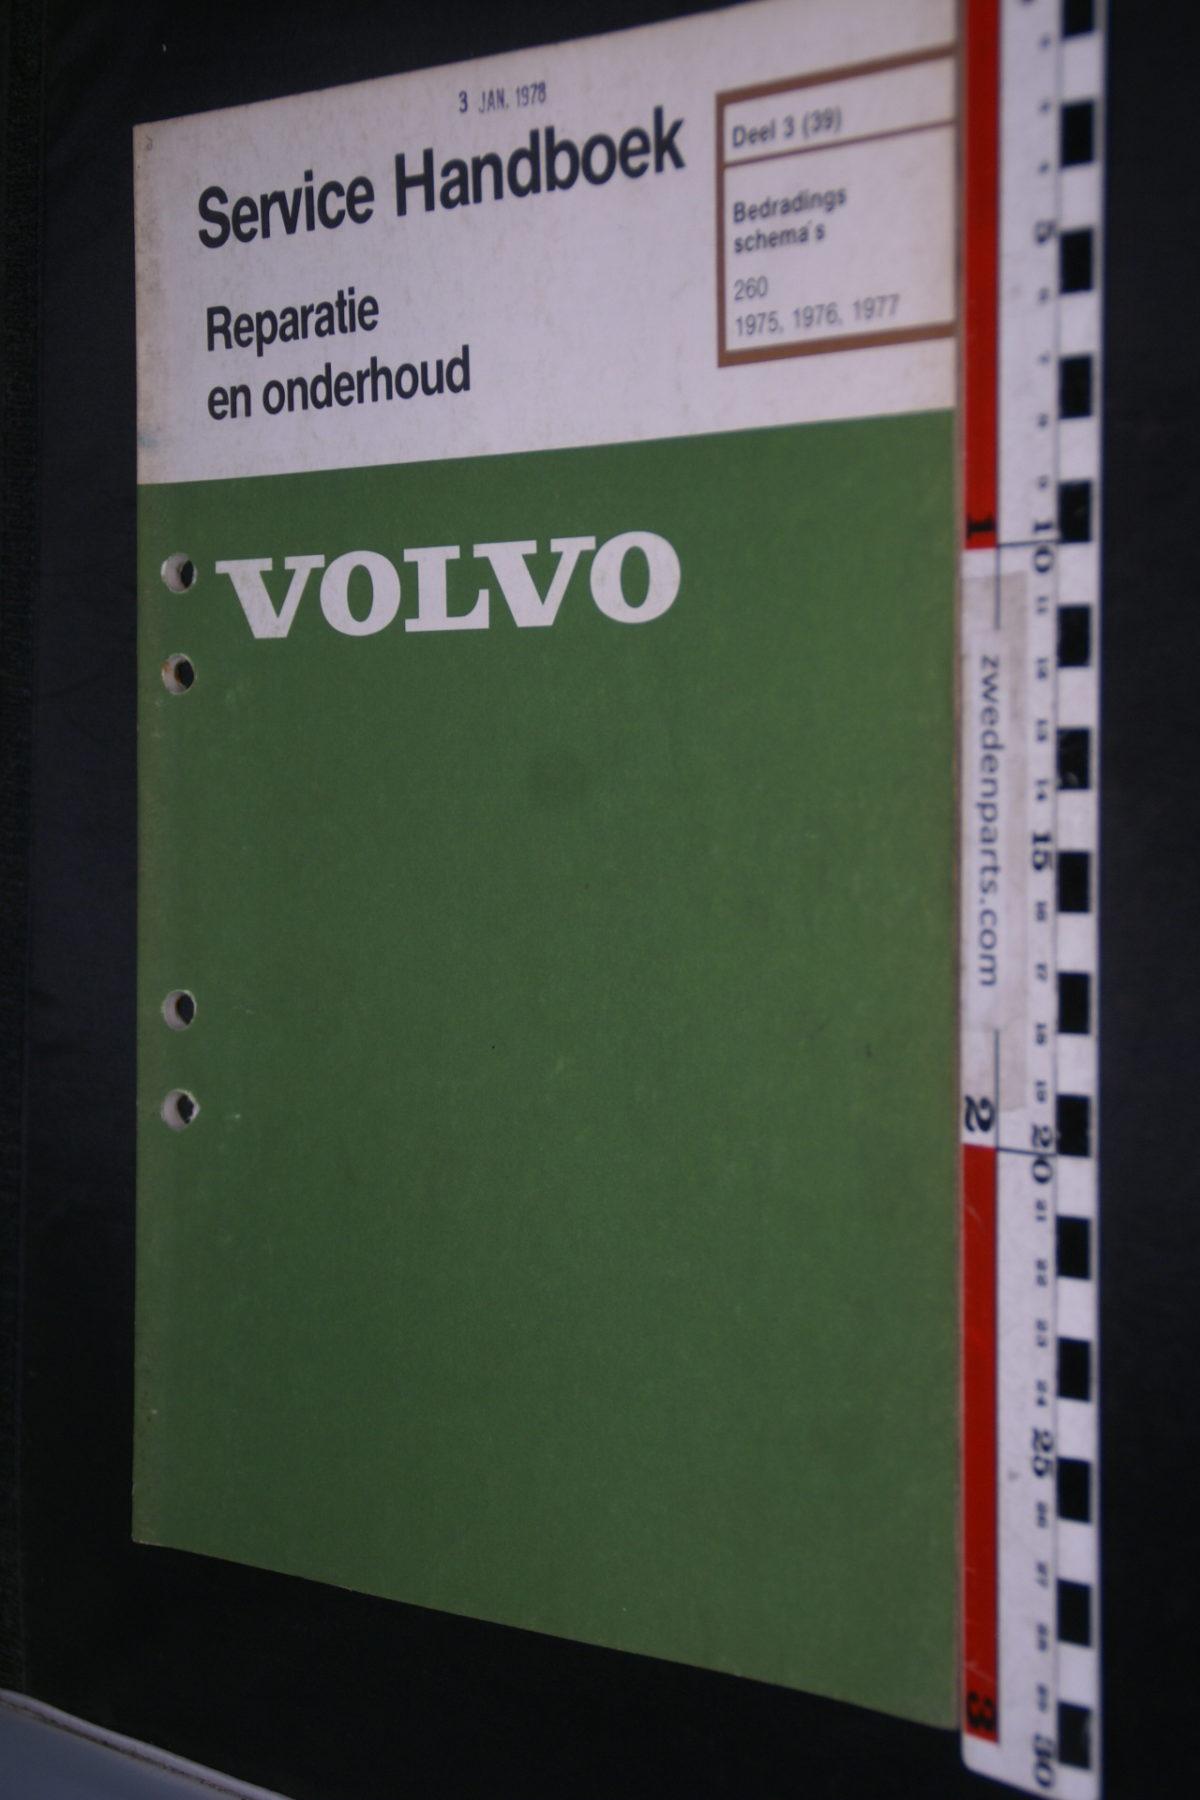 DSC08445 1977 origineel Volvo 260 servicehandboek  3 (39) bedradingsschema 1 van 750 TP 11540-1